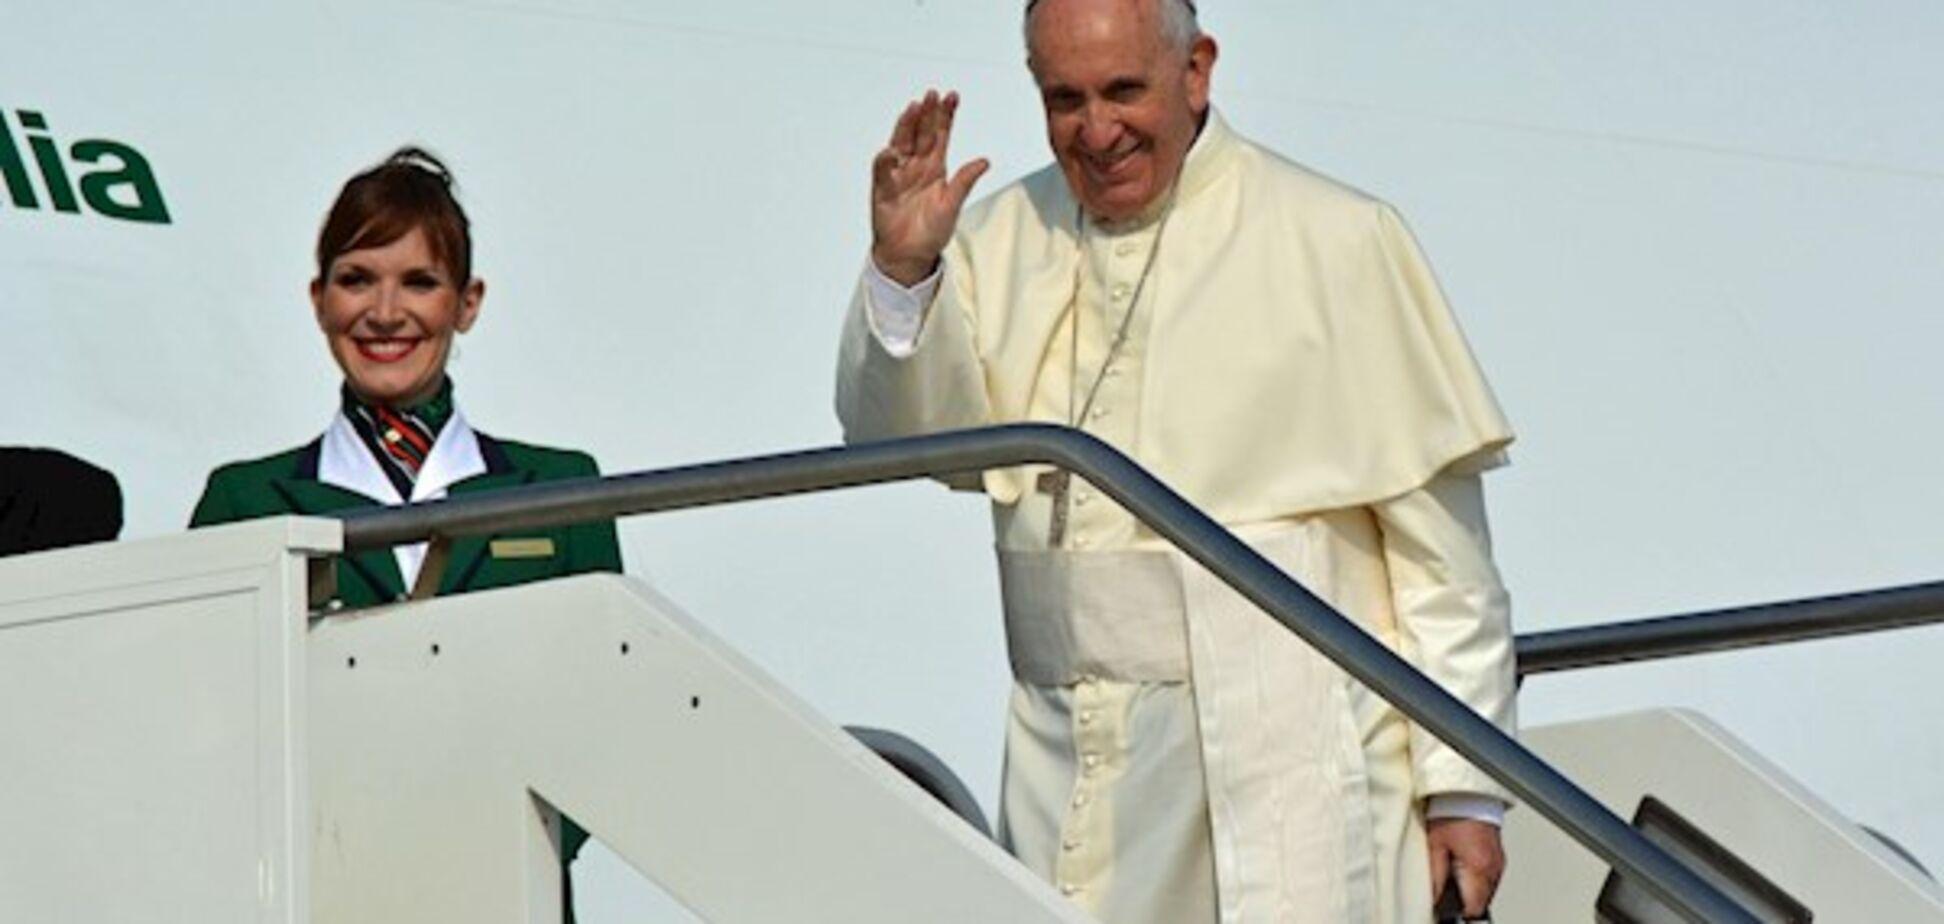 Папа Римський благословив шлюб у повітрі